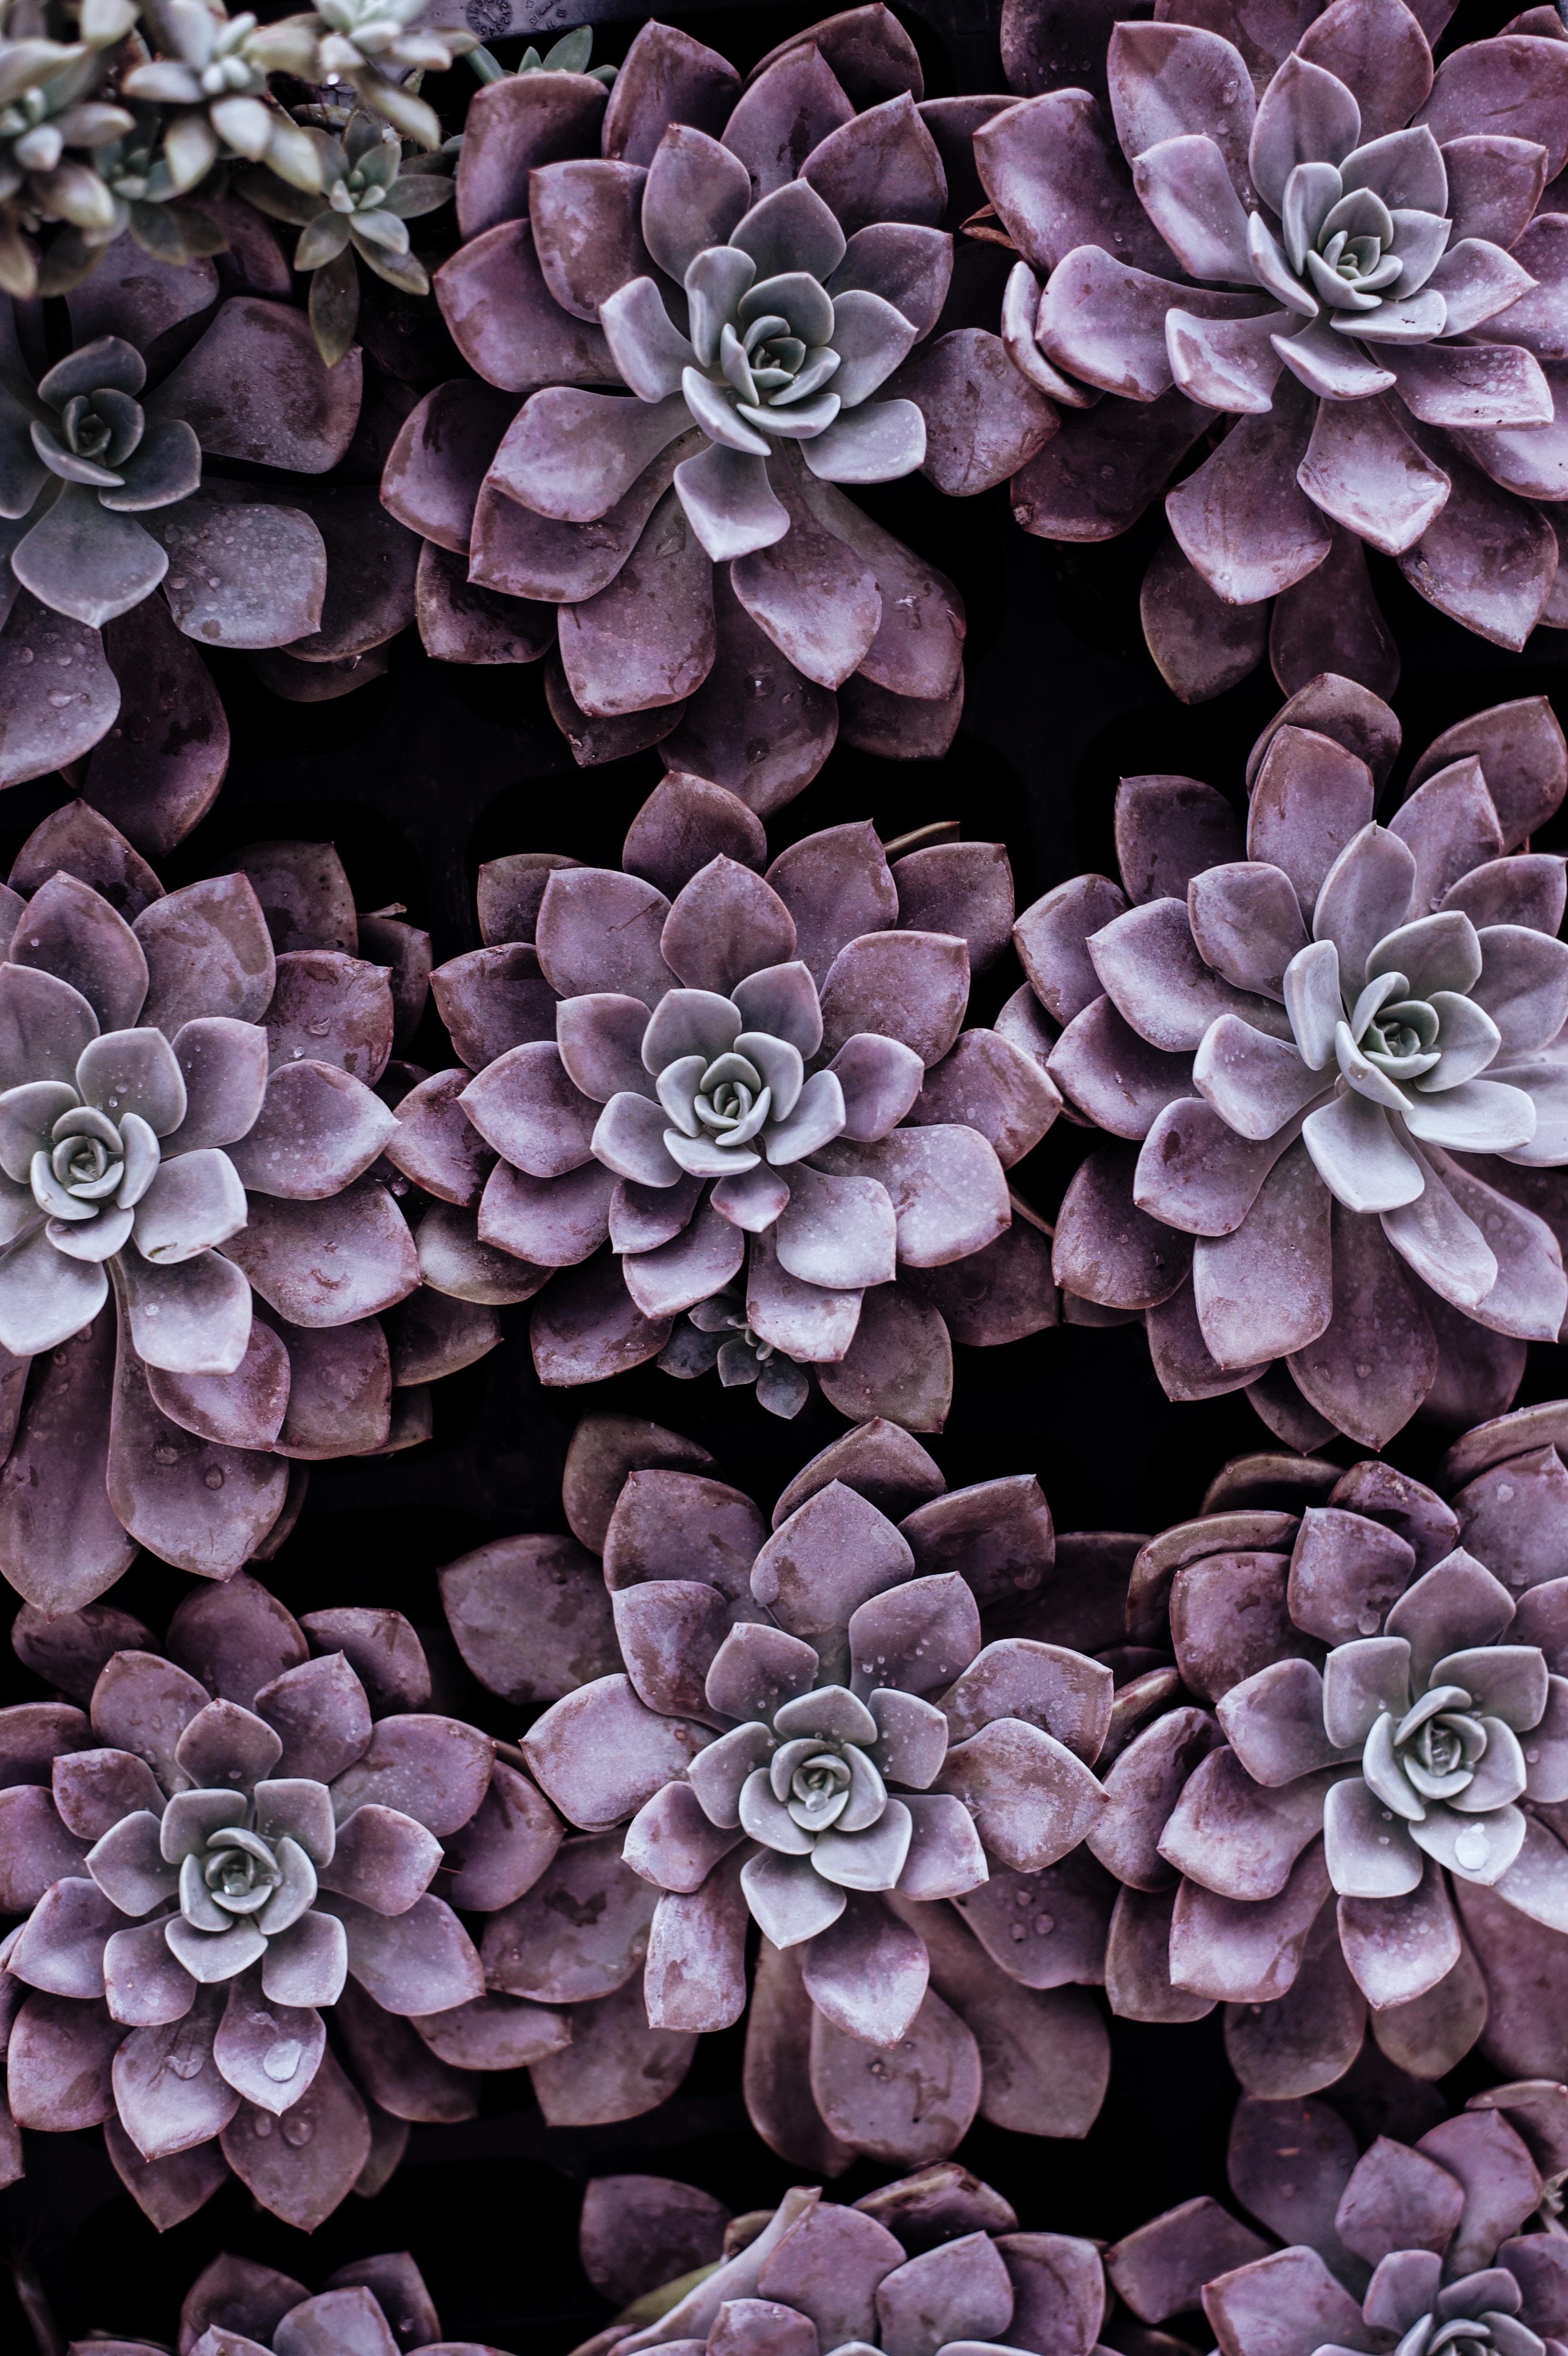 Purple_Succulent_Annie-spratt-256177.jpg